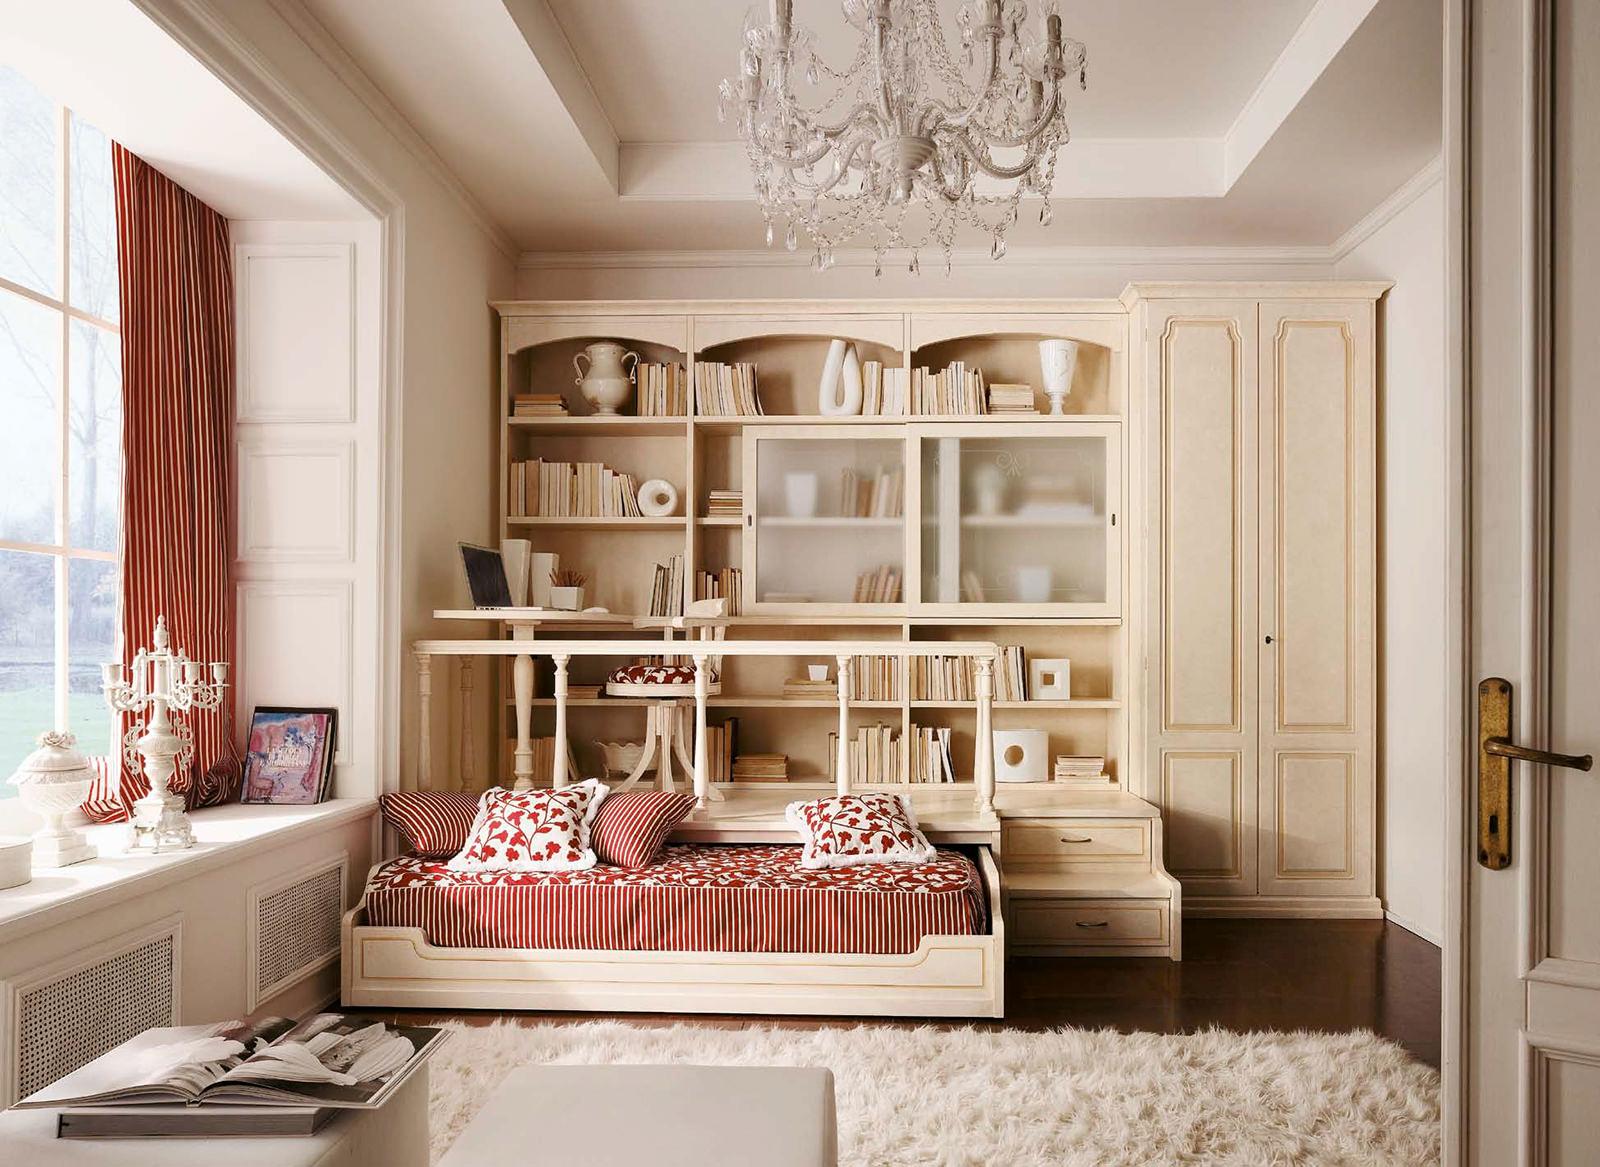 Бежевая мебель для детской в стиле прованс